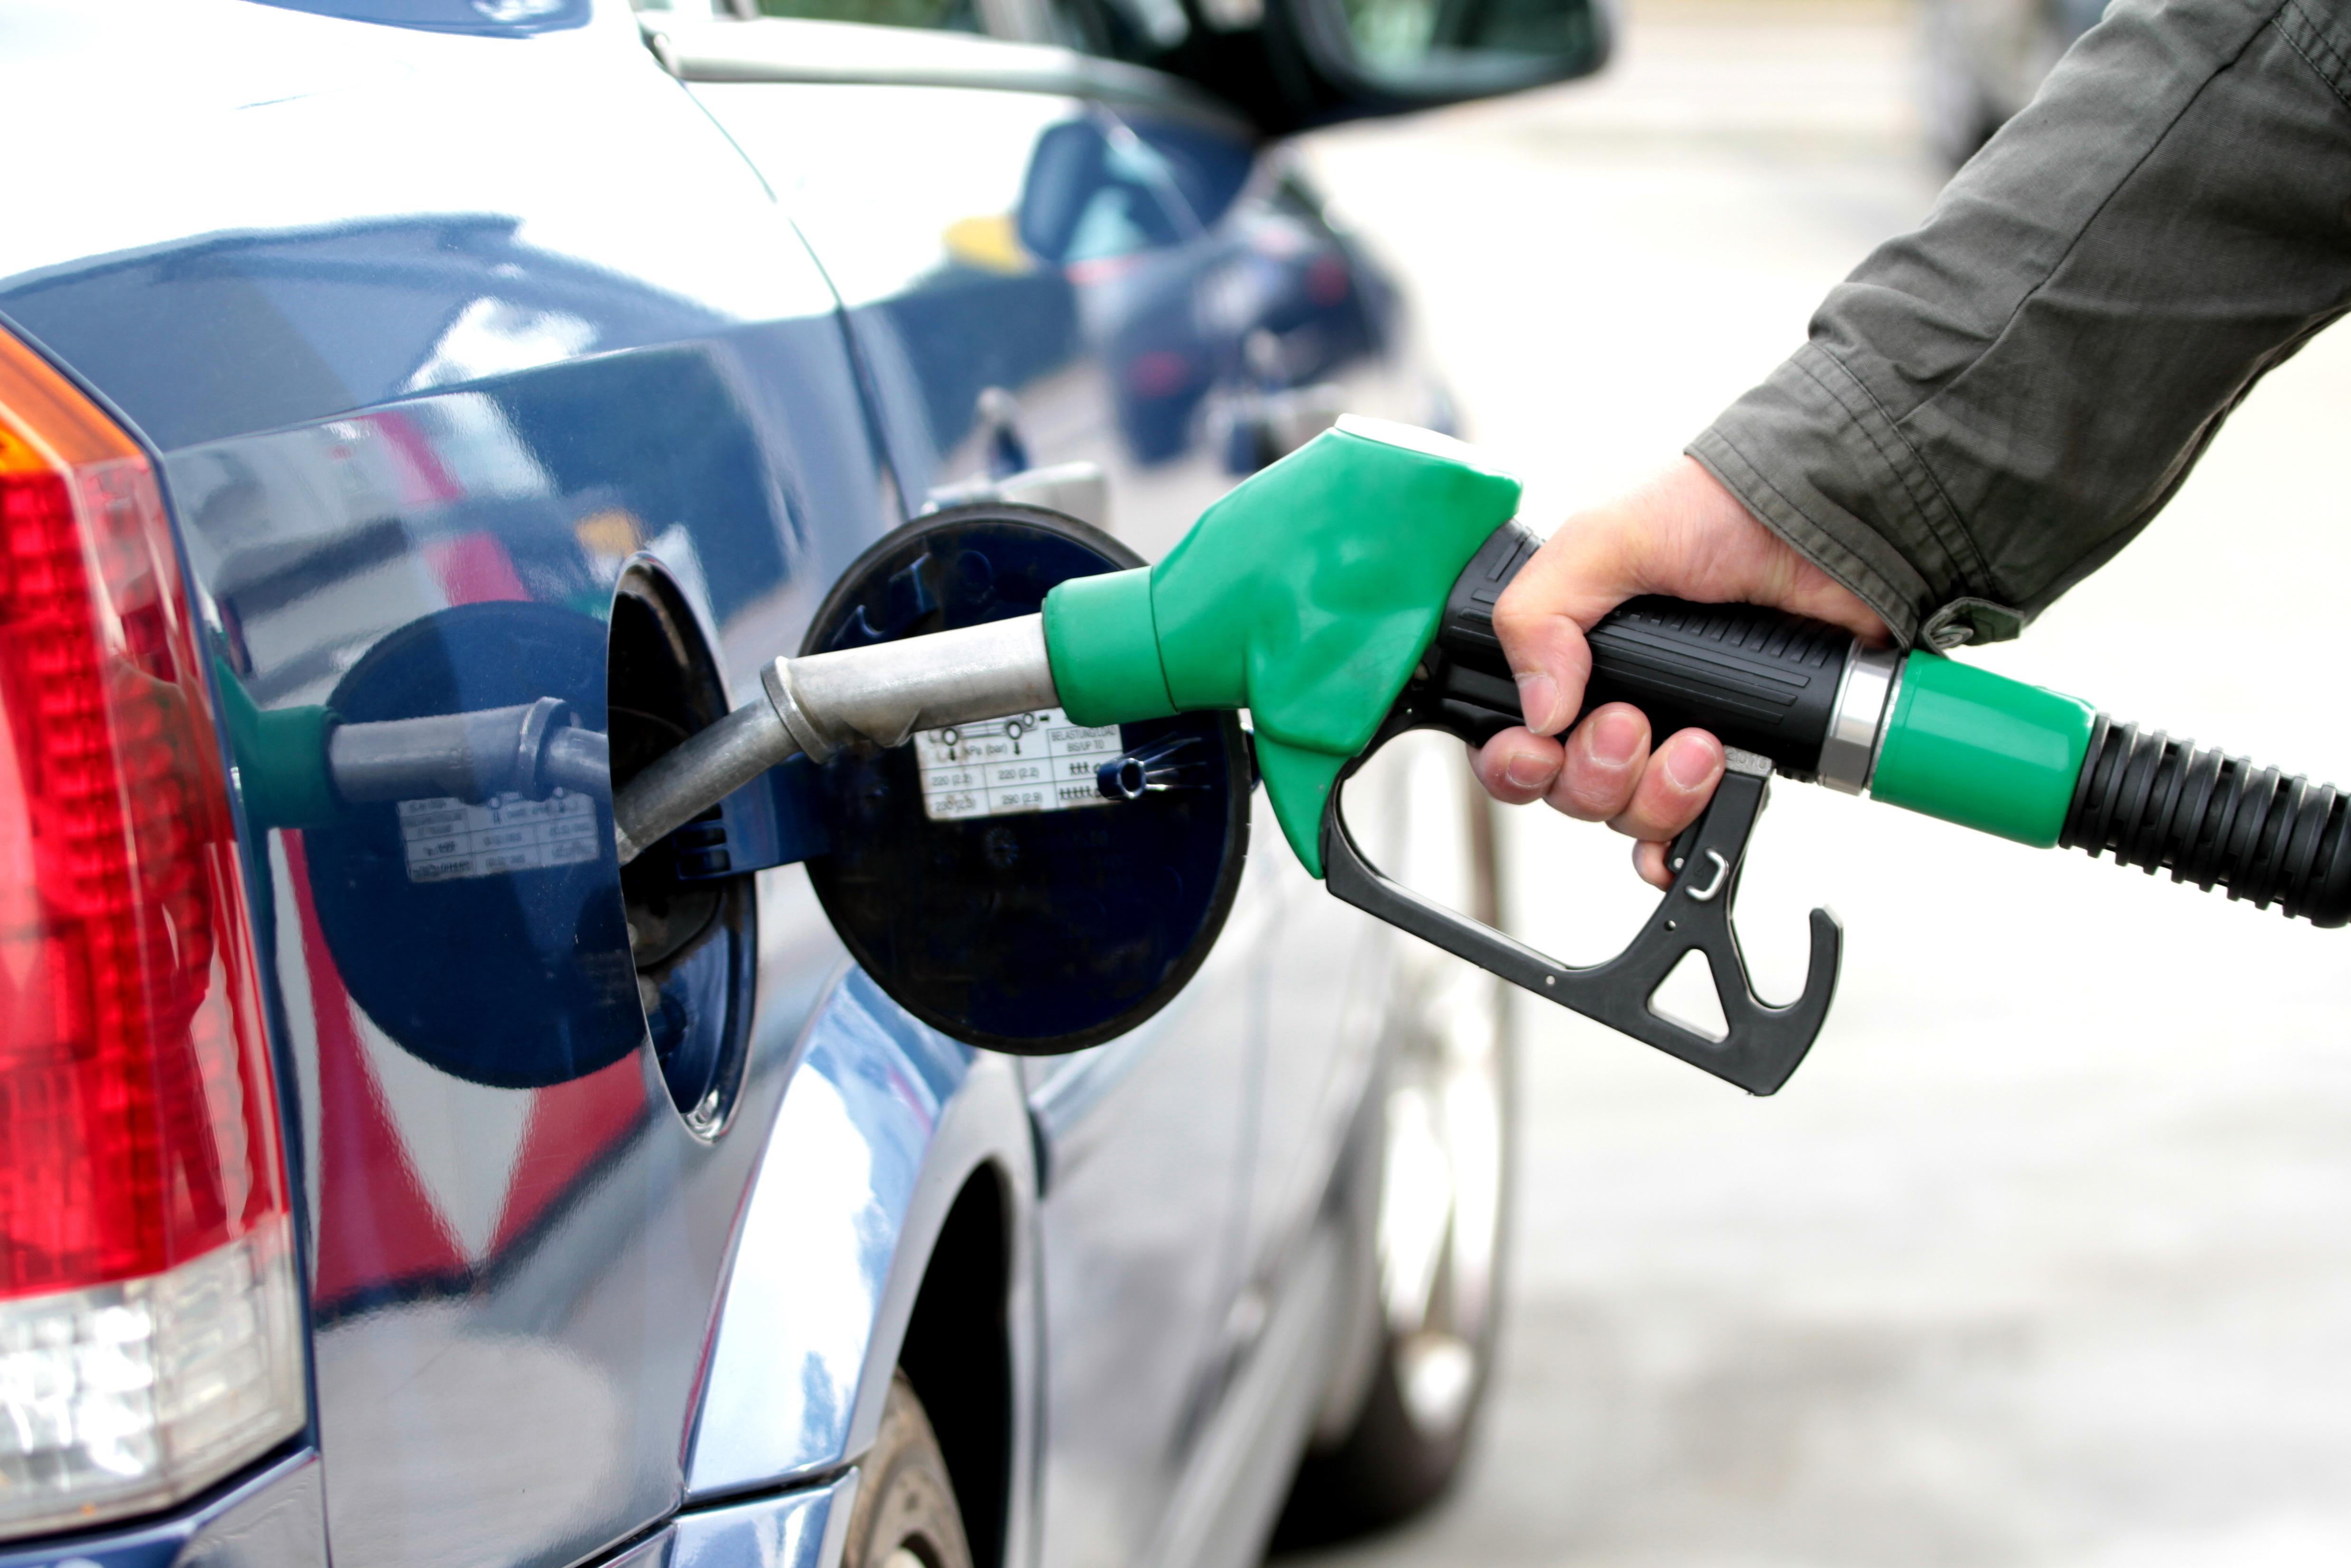 <p>7. Венецуела Венецуела има най-евтините цени на бензина в света. Един литър струва само 20 цента. Така че, ако планирате пътуване в тази страна, зареждането на резервоара на колата ви с 5 литра бензин ще бъде доста достъпно.</p>